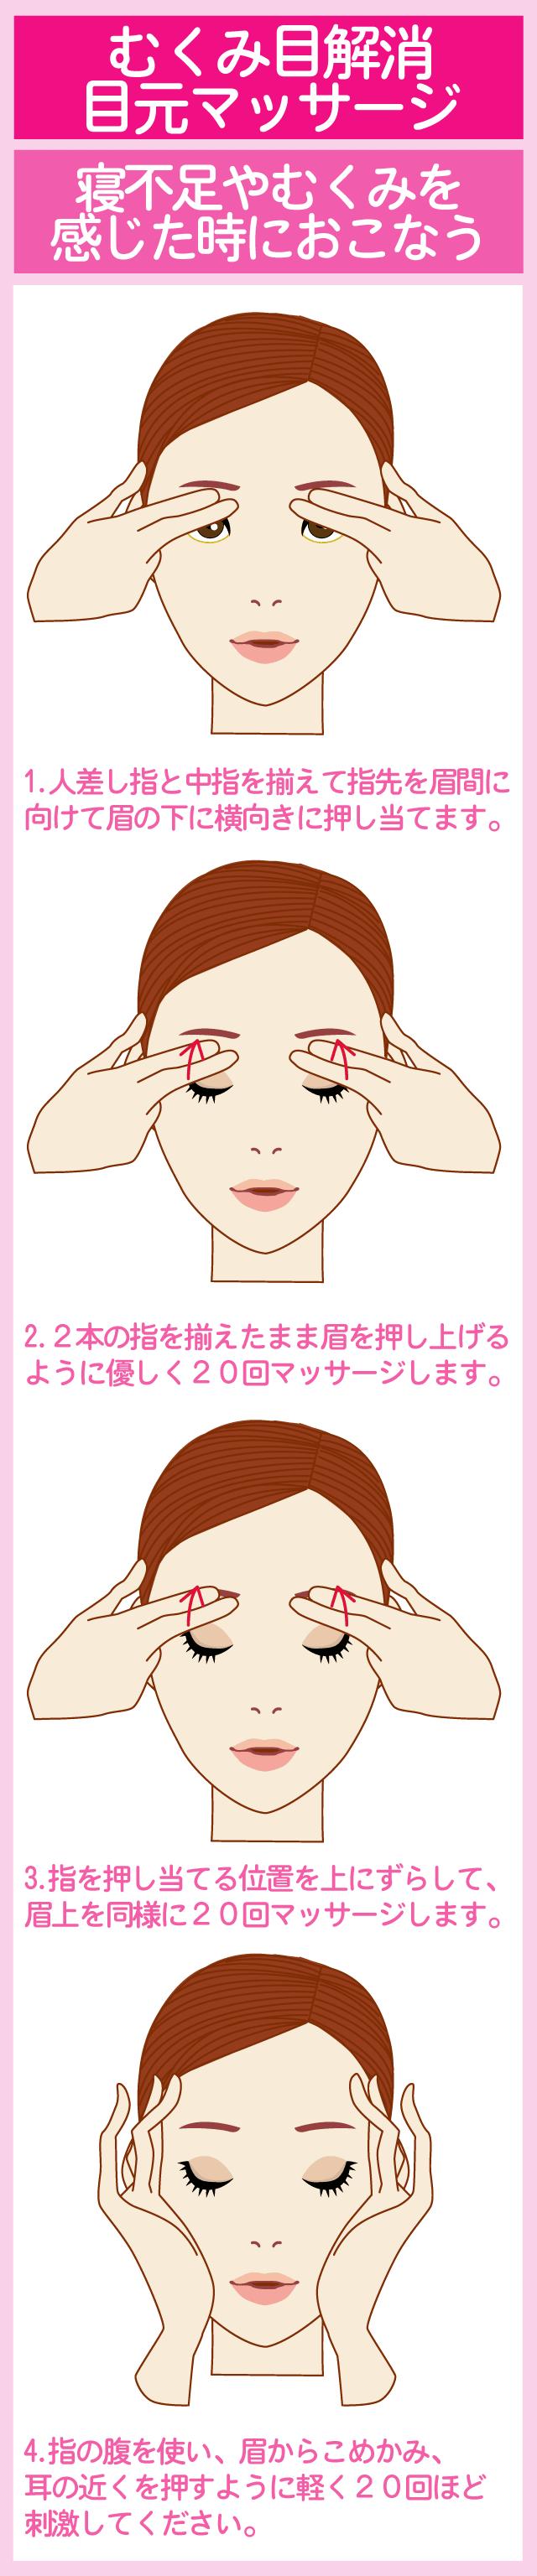 むくみ目を解消する目元のマッサージ